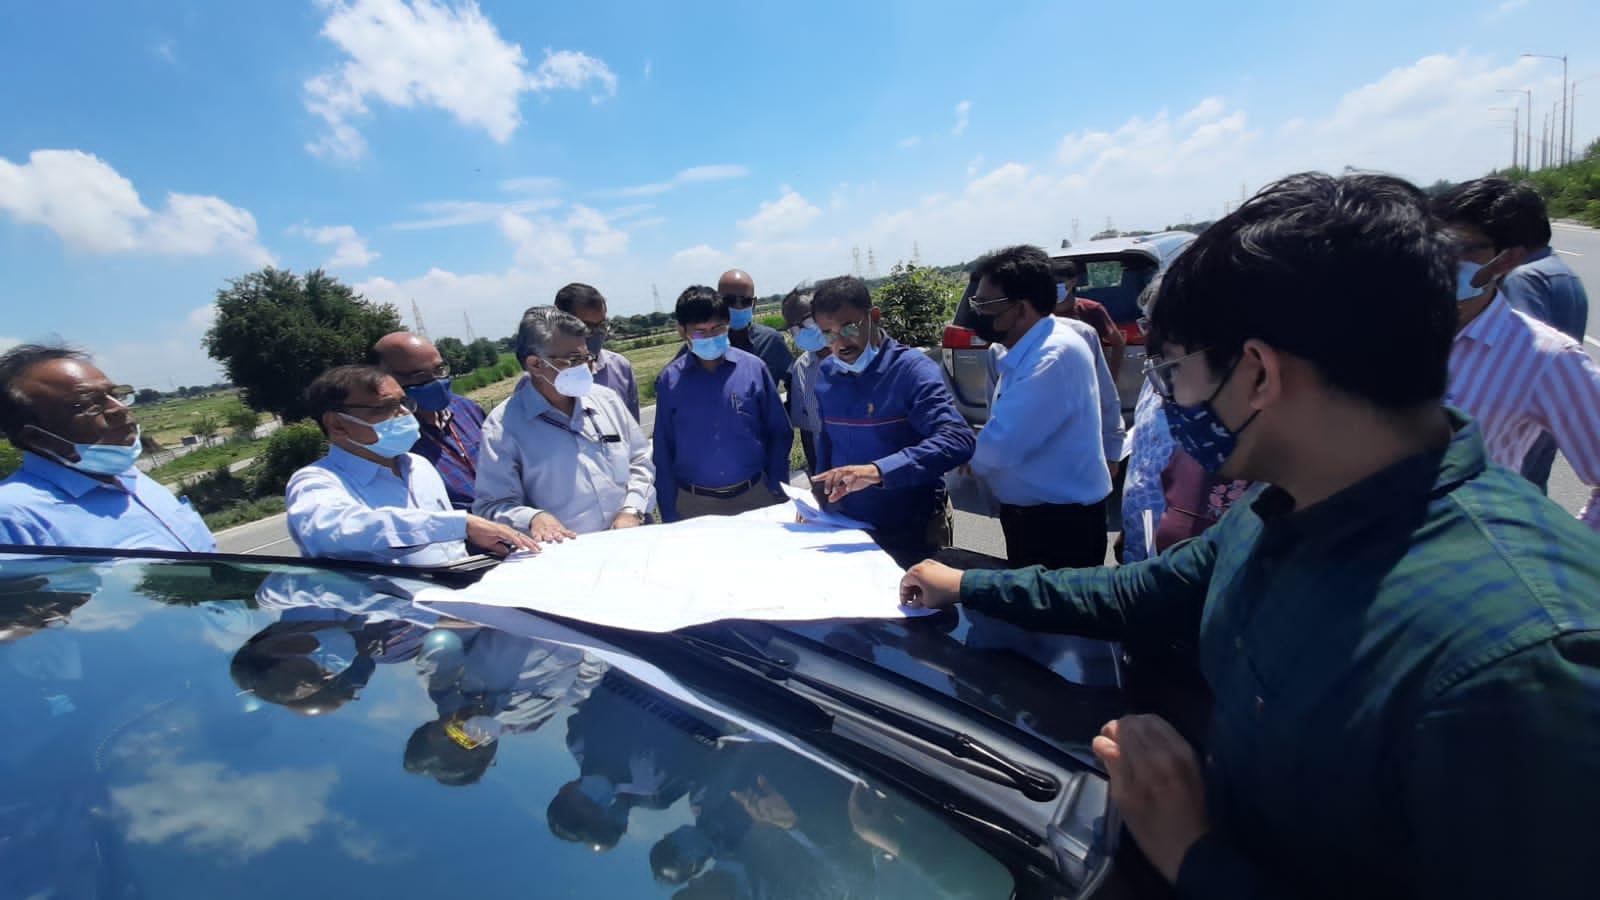 इन्टीग्रेटेड प्लानिंग की ओर बढ़ा कदम, स्कूल ऑफ प्लानिंग एंड आर्किटेक्चर टीम ने किया अधिकारियों संग निरीक्षण|आगरा,Agra - Dainik Bhaskar